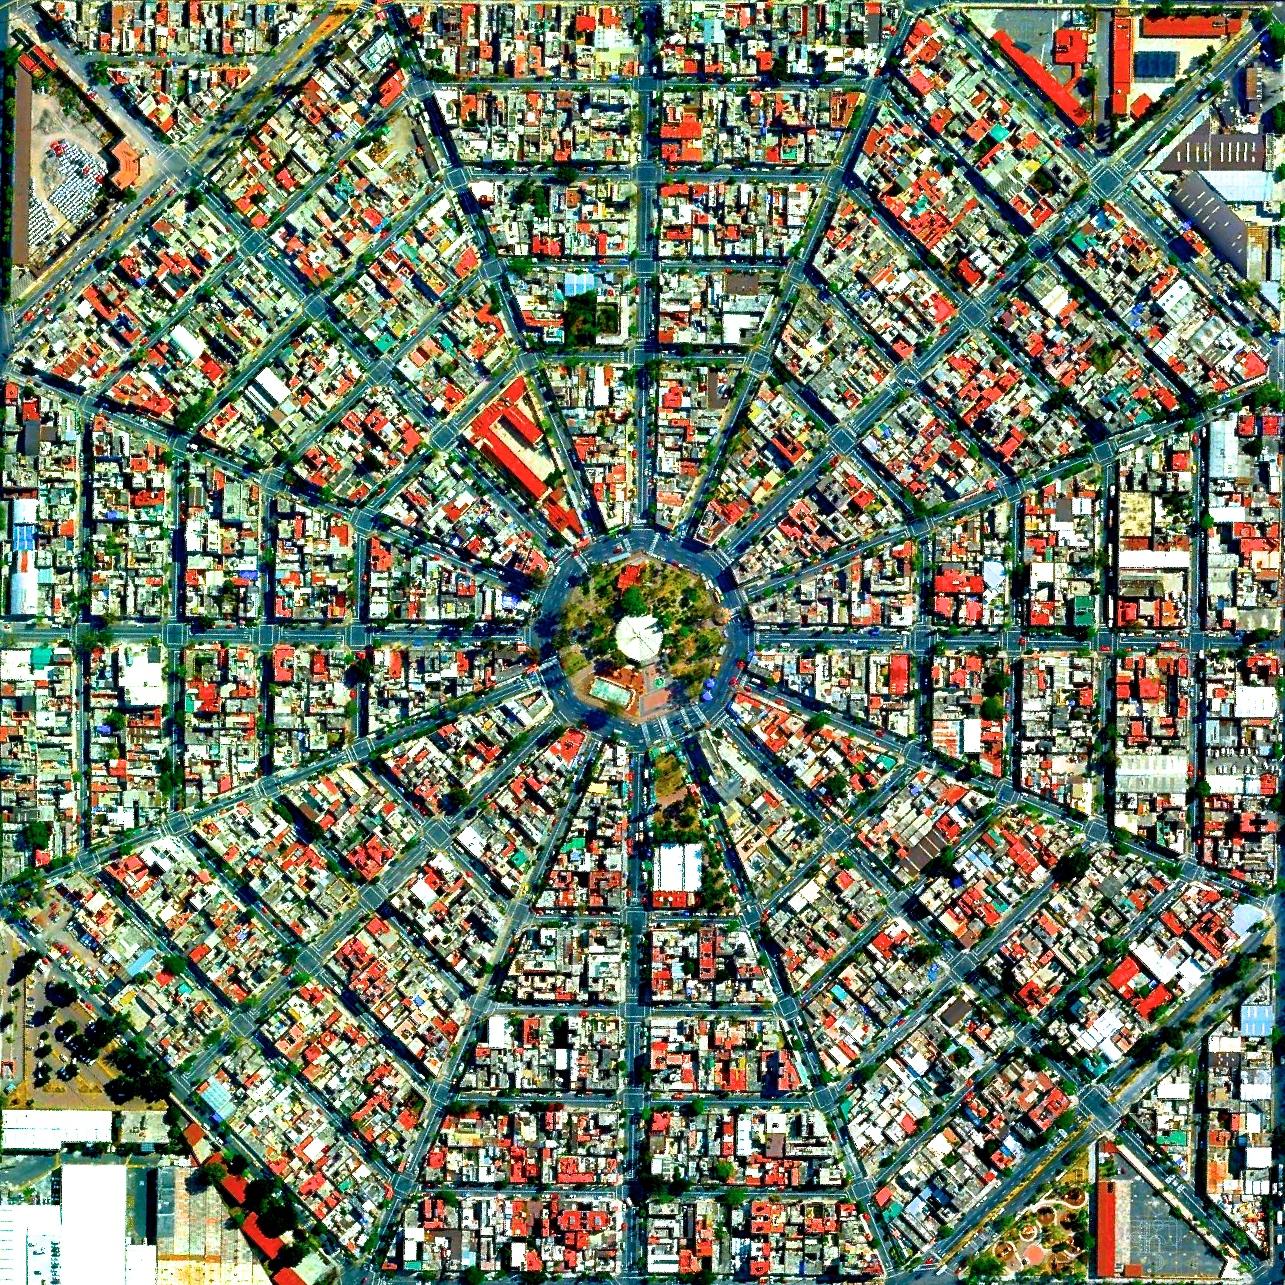 6/4/2015  Plaza Del Ejecutivo  Mexico City, Mexico  19.420511533°, -99.088087122°    Radiating streets surround the Plaza Del Ejecutivo in the Venustiano Carranza district of Mexico City, Mexico.